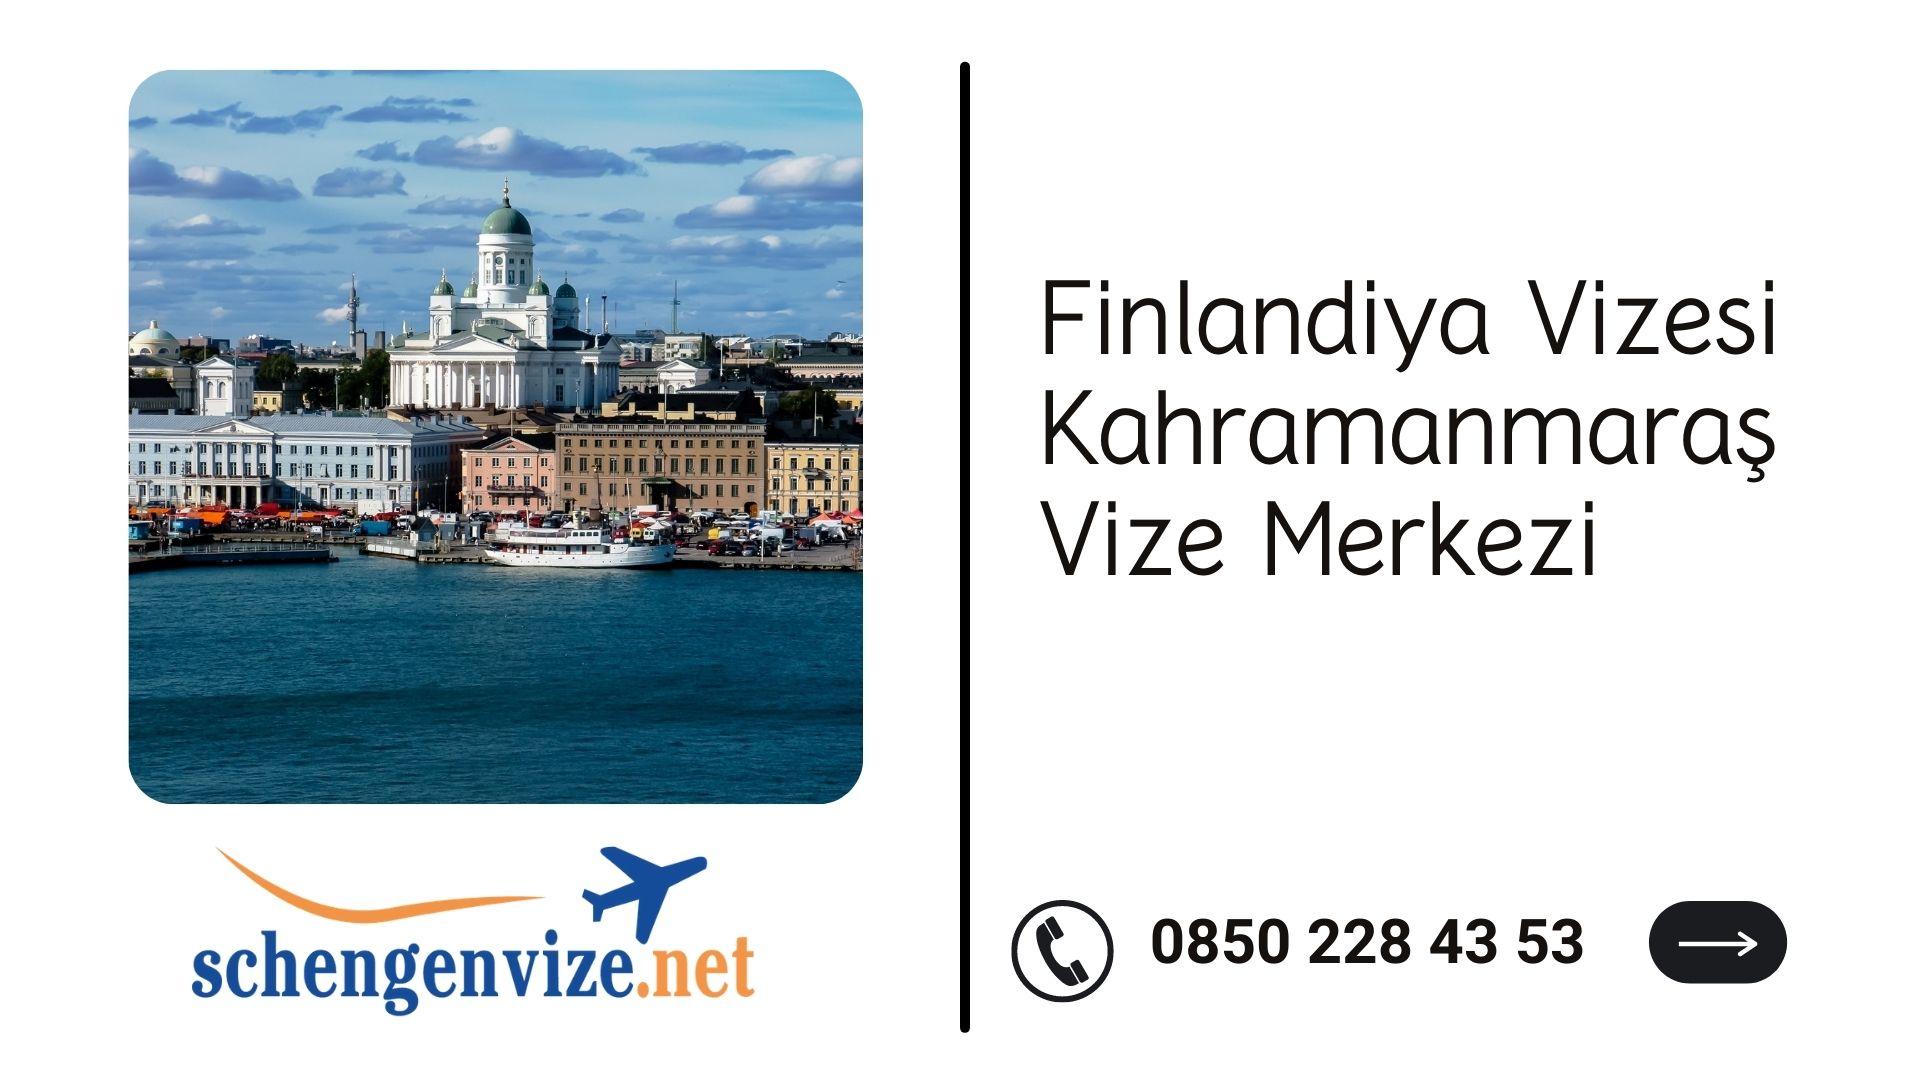 Finlandiya Vizesi Kahramanmaraş Vize Merkezi